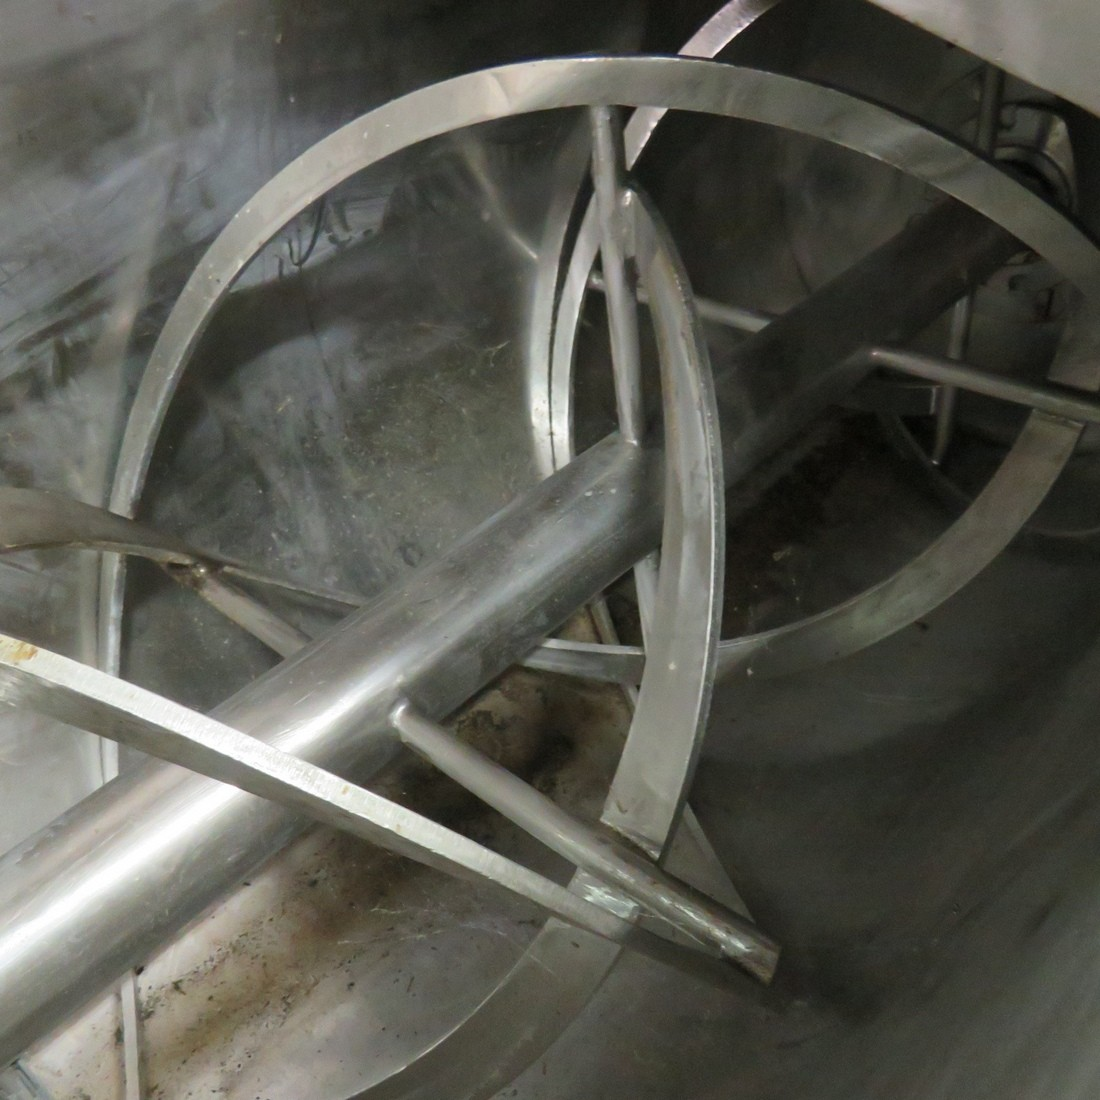 R6MK1418 Stainless steel Ribbon blender - 400 liters